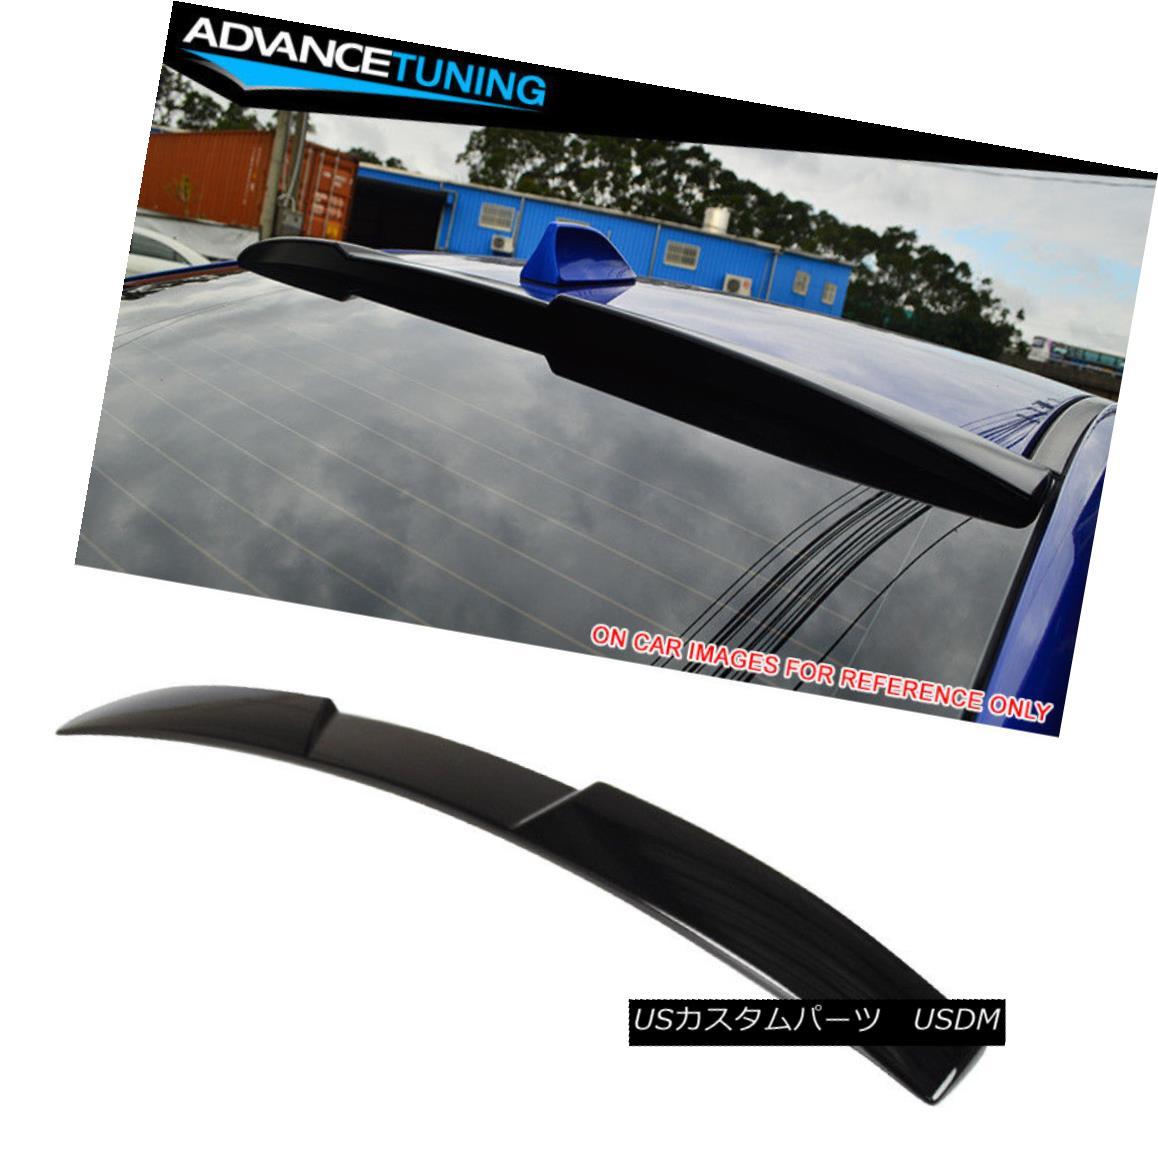 エアロパーツ Fits 15-18 WRX STI Roof Spoiler OEM Painted #D4S Crystal Black Silica Pearl フィット15-18 WRX STI屋根のスポイラーOEM塗装#D4Sクリスタルブラックシリカパール